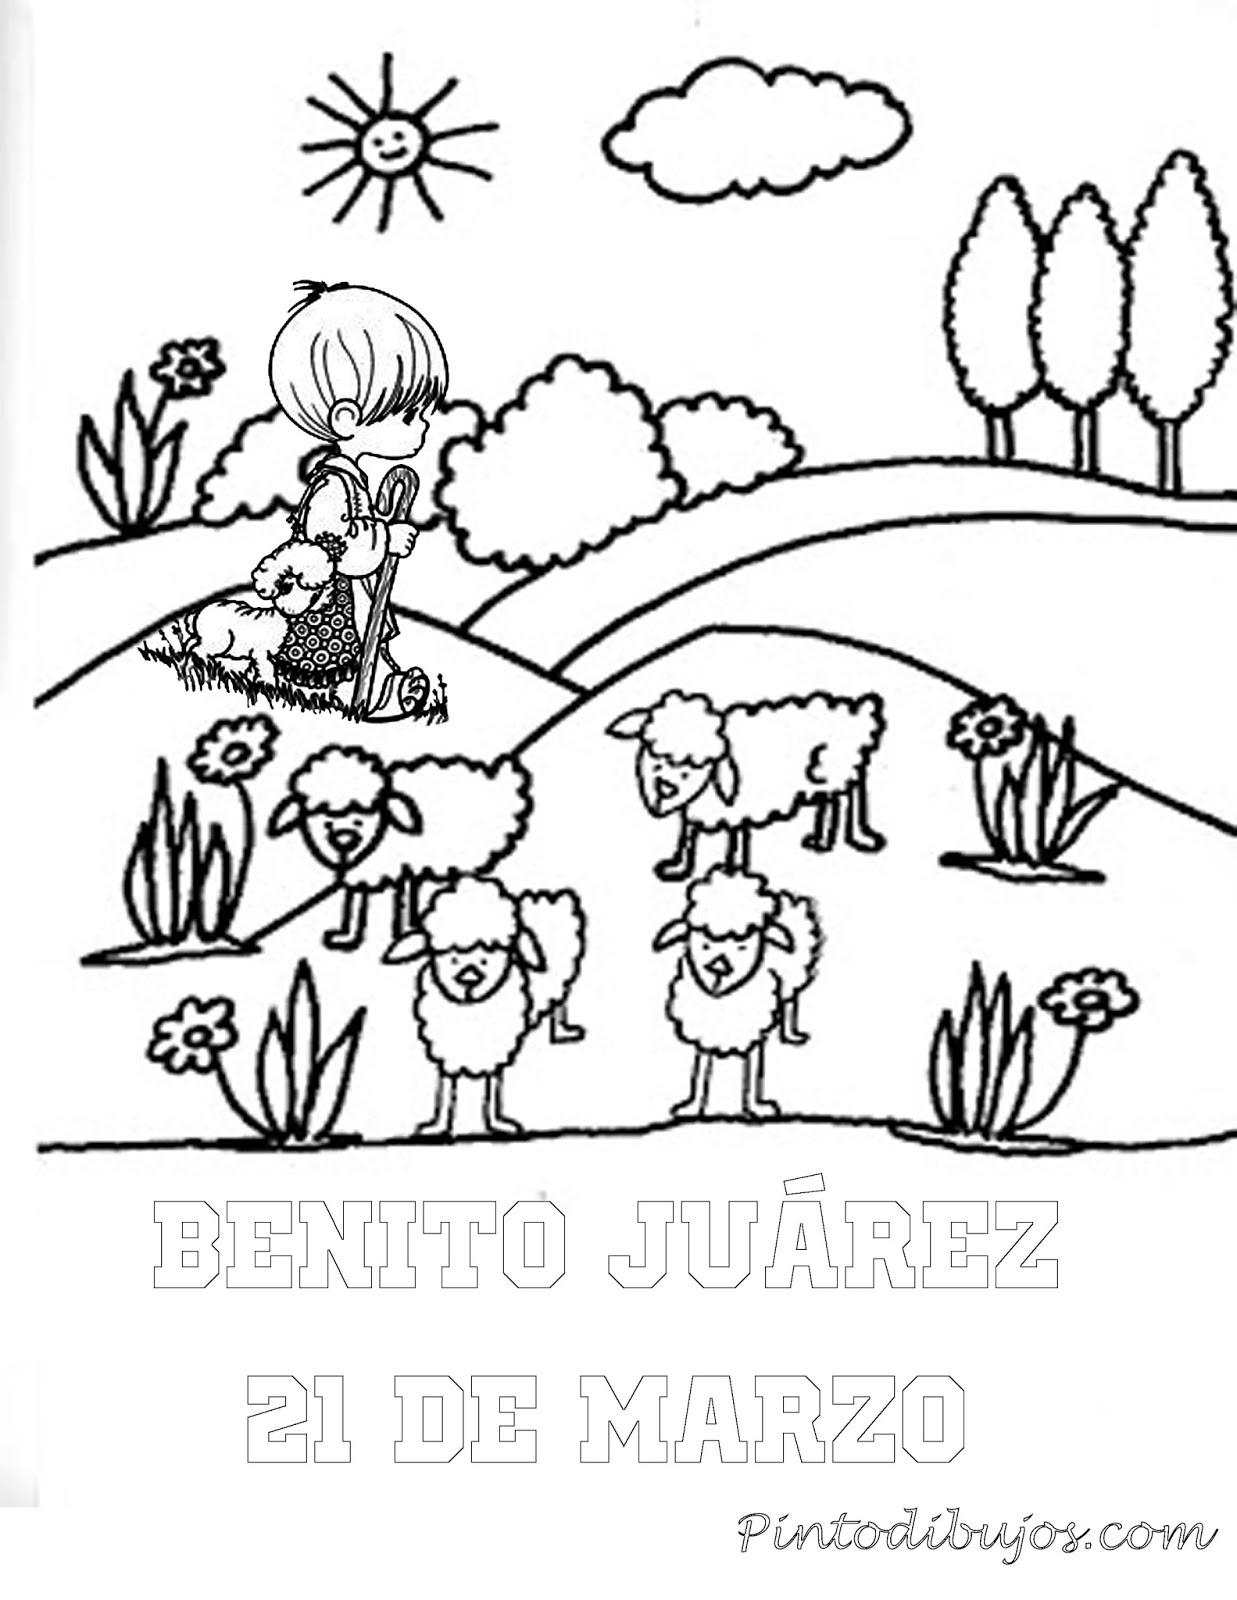 Increble Imagenes De San Benito Para Colorear